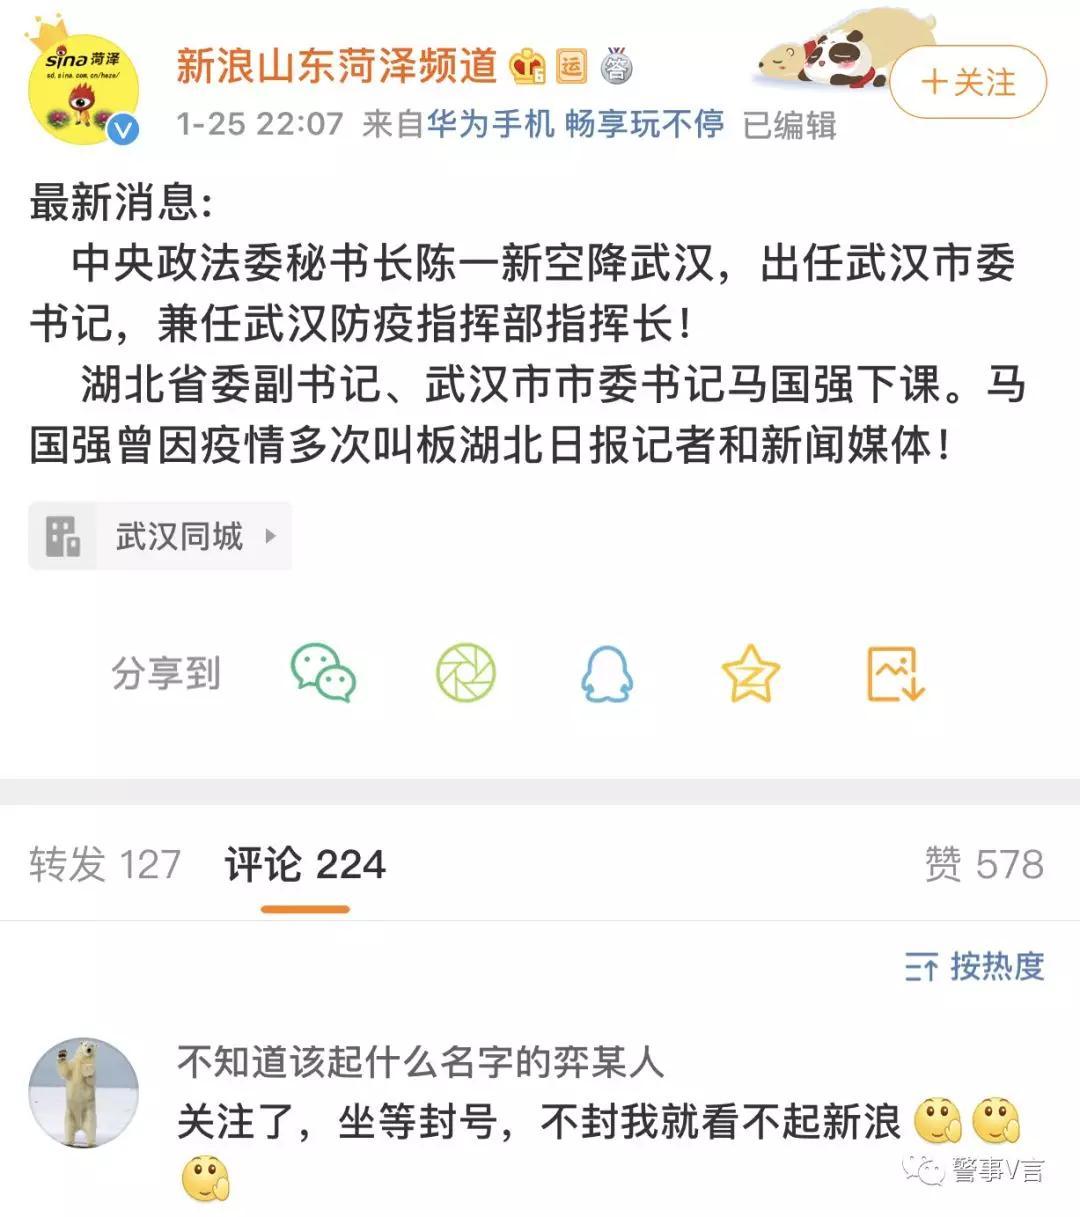 """一小撮人在把冠状病毒肺炎当成搞乱中国的好机会——从一系列谣言看国内""""白头盔""""的鬼影"""